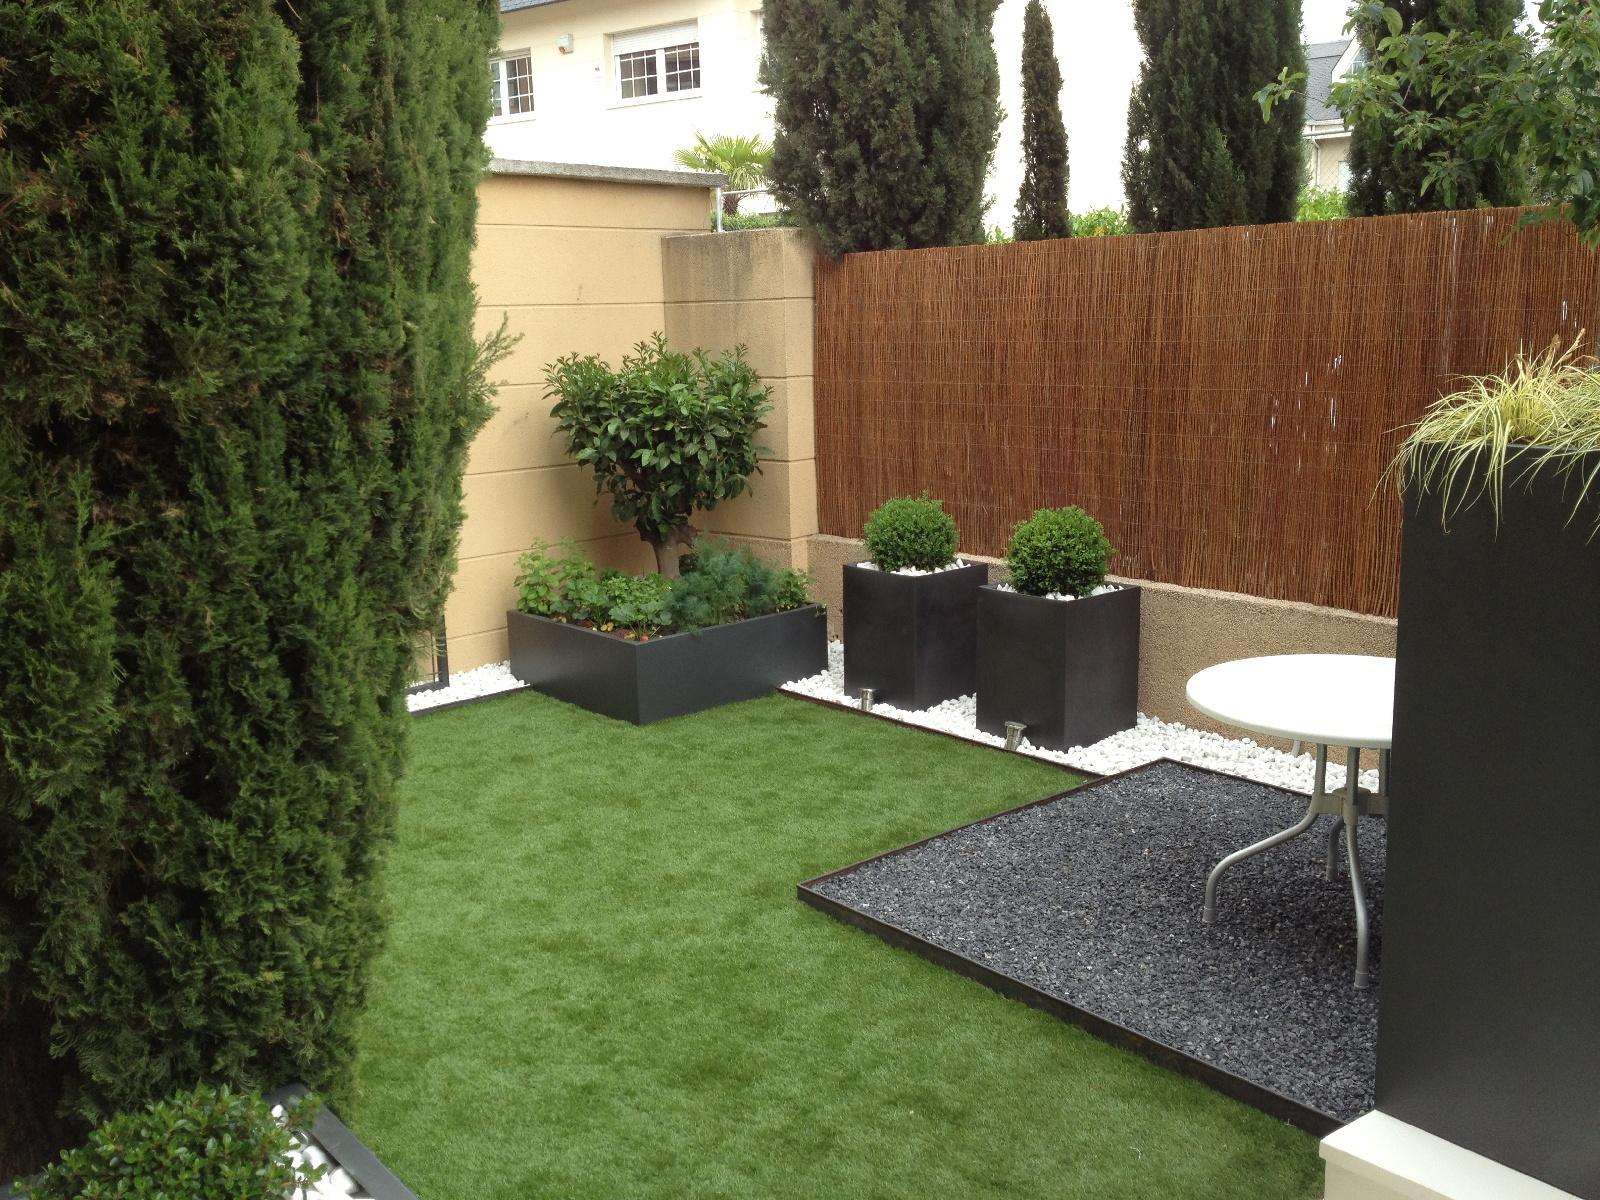 50177690-0-Medium-Size-Garden-A